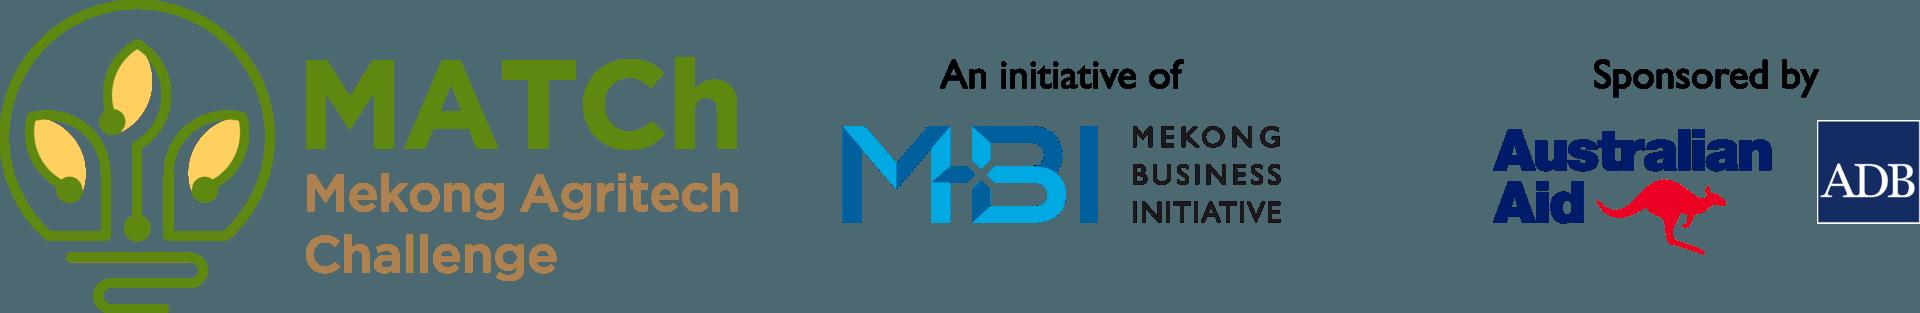 MATCh: Mekong AgTech Challenge